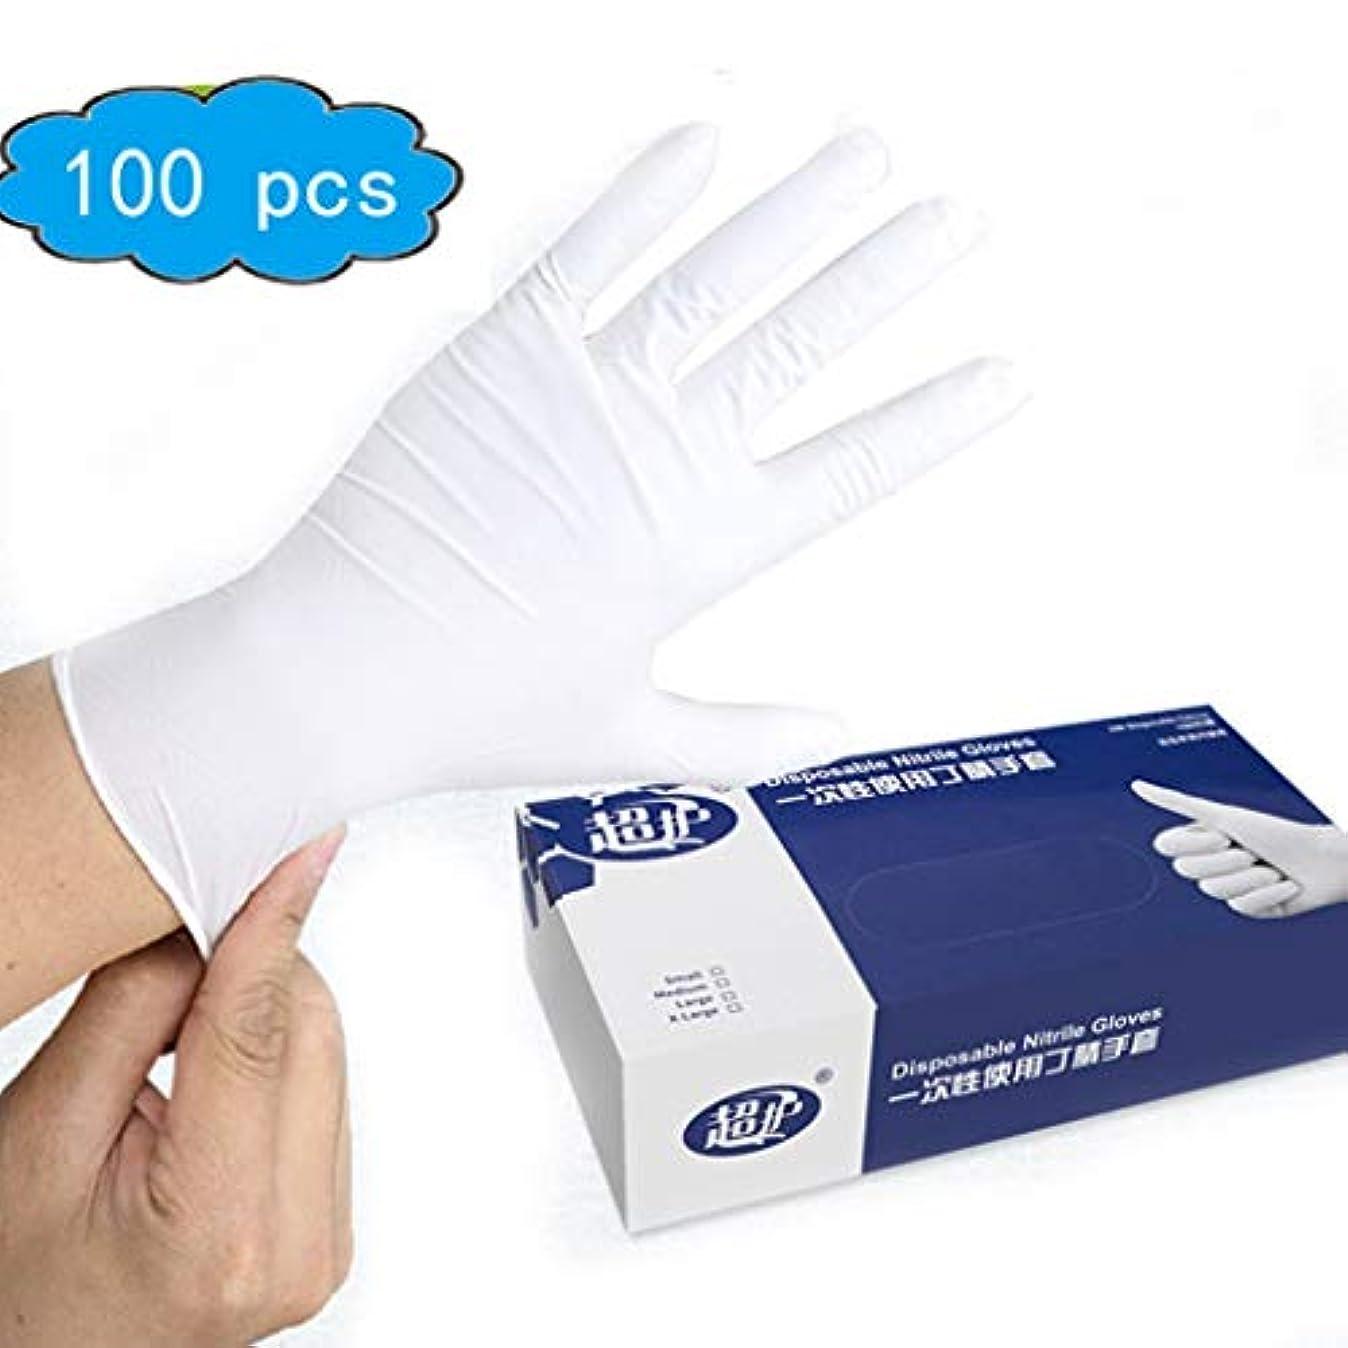 深めるバッジ扱いやすいニトリル手袋 - ラテックスフリー、パウダーフリー、非滅菌、衛生手袋、100のボックス (Color : White, Size : S)